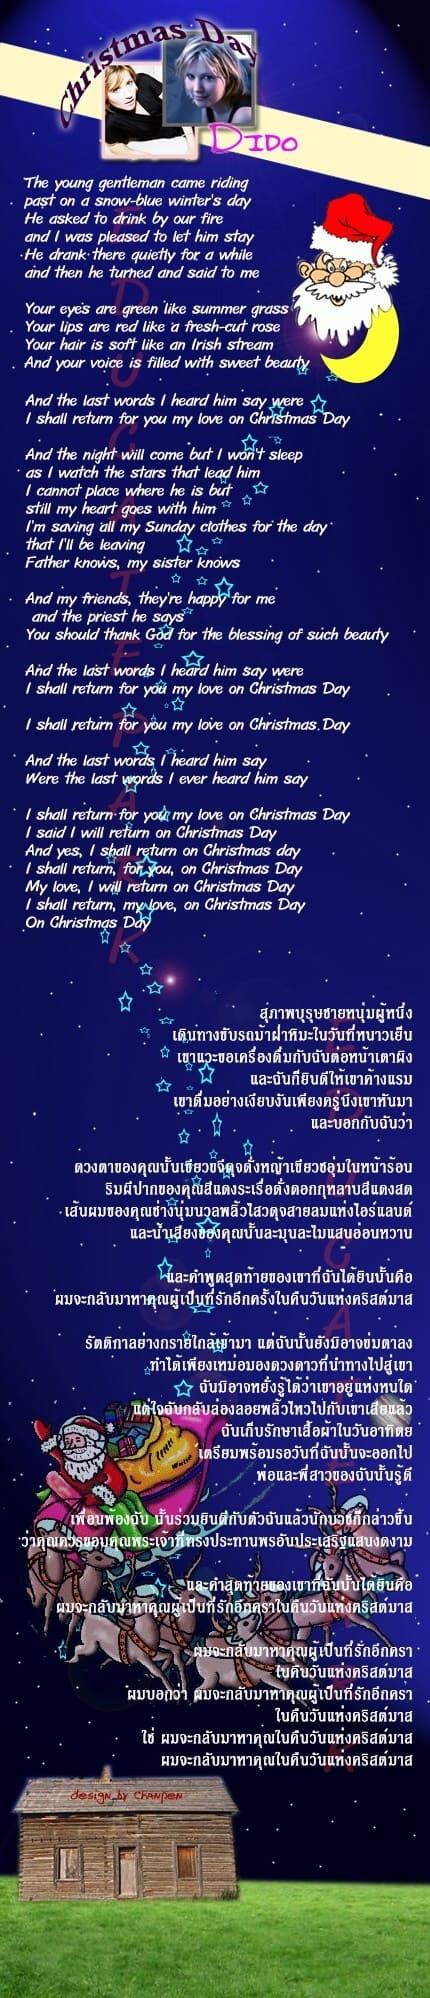 แปลเพลง Christmas Day - Dido